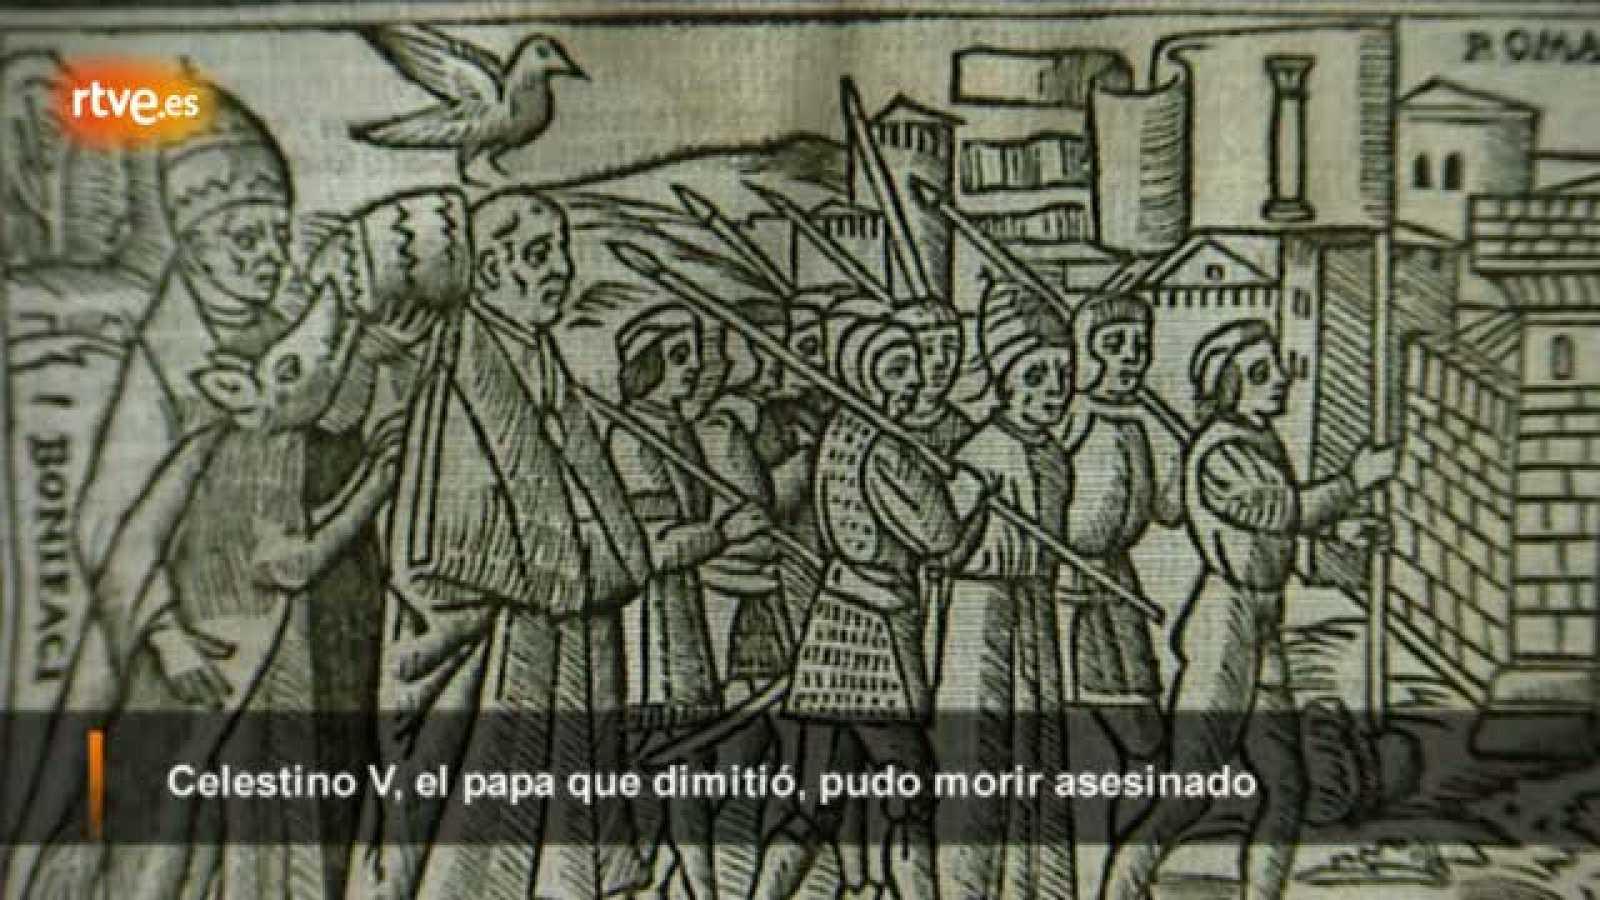 Celestino V, el pontífice al que le espantó el papado